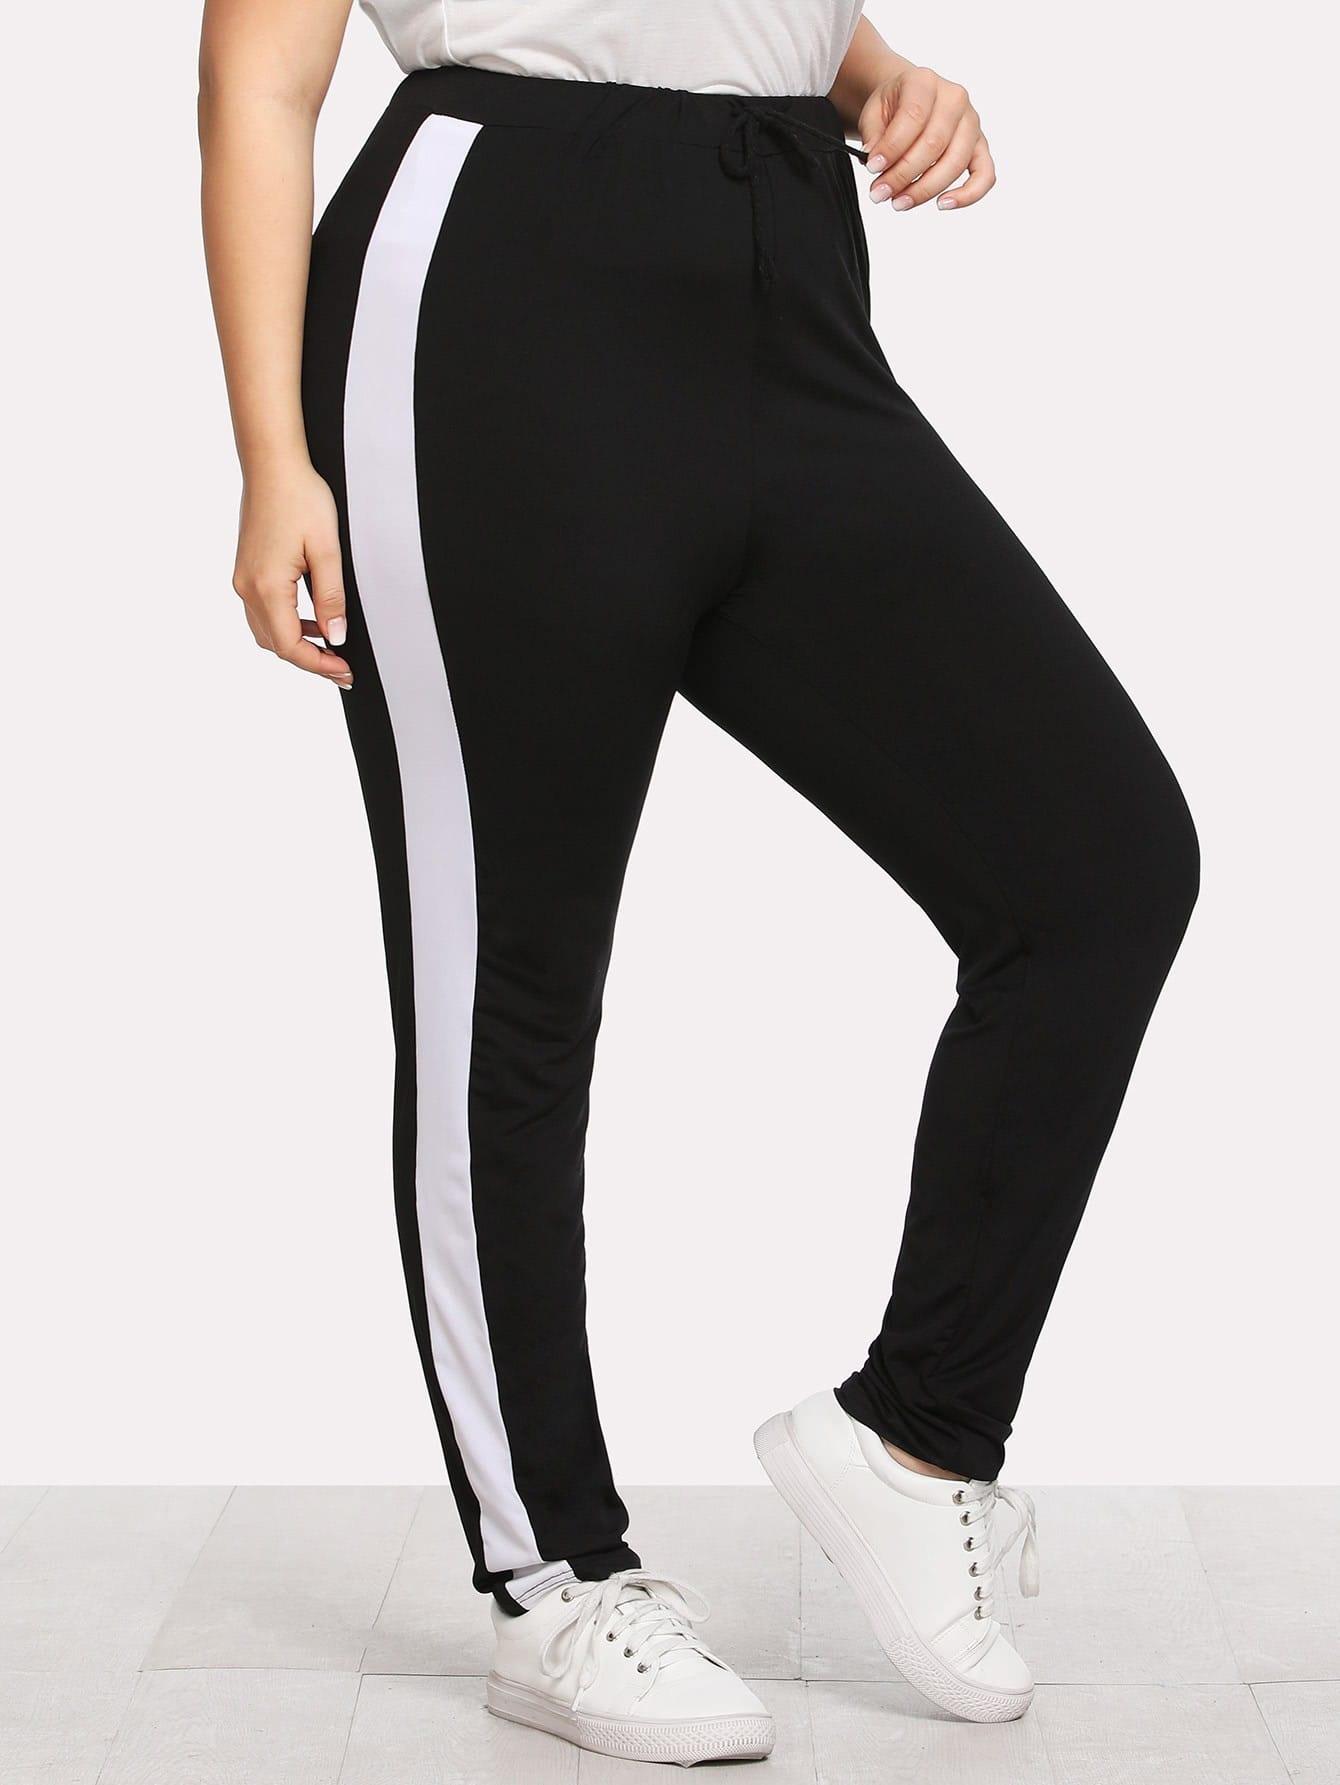 Plus Contrast Panel Side Pants